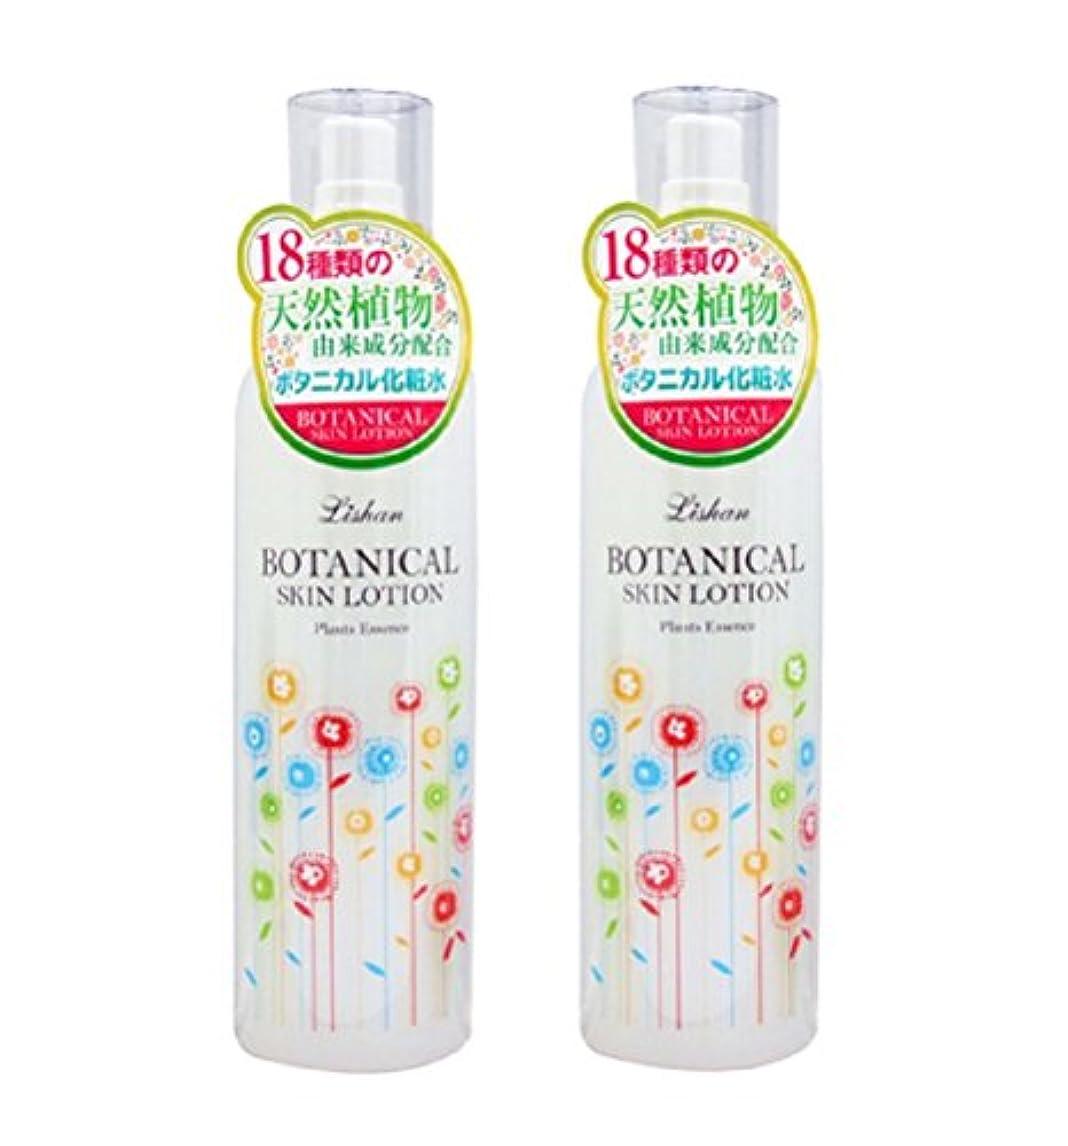 すごい可動式導出リシャン ボタニカル化粧水 フローラルの香り 260ml×2本セット